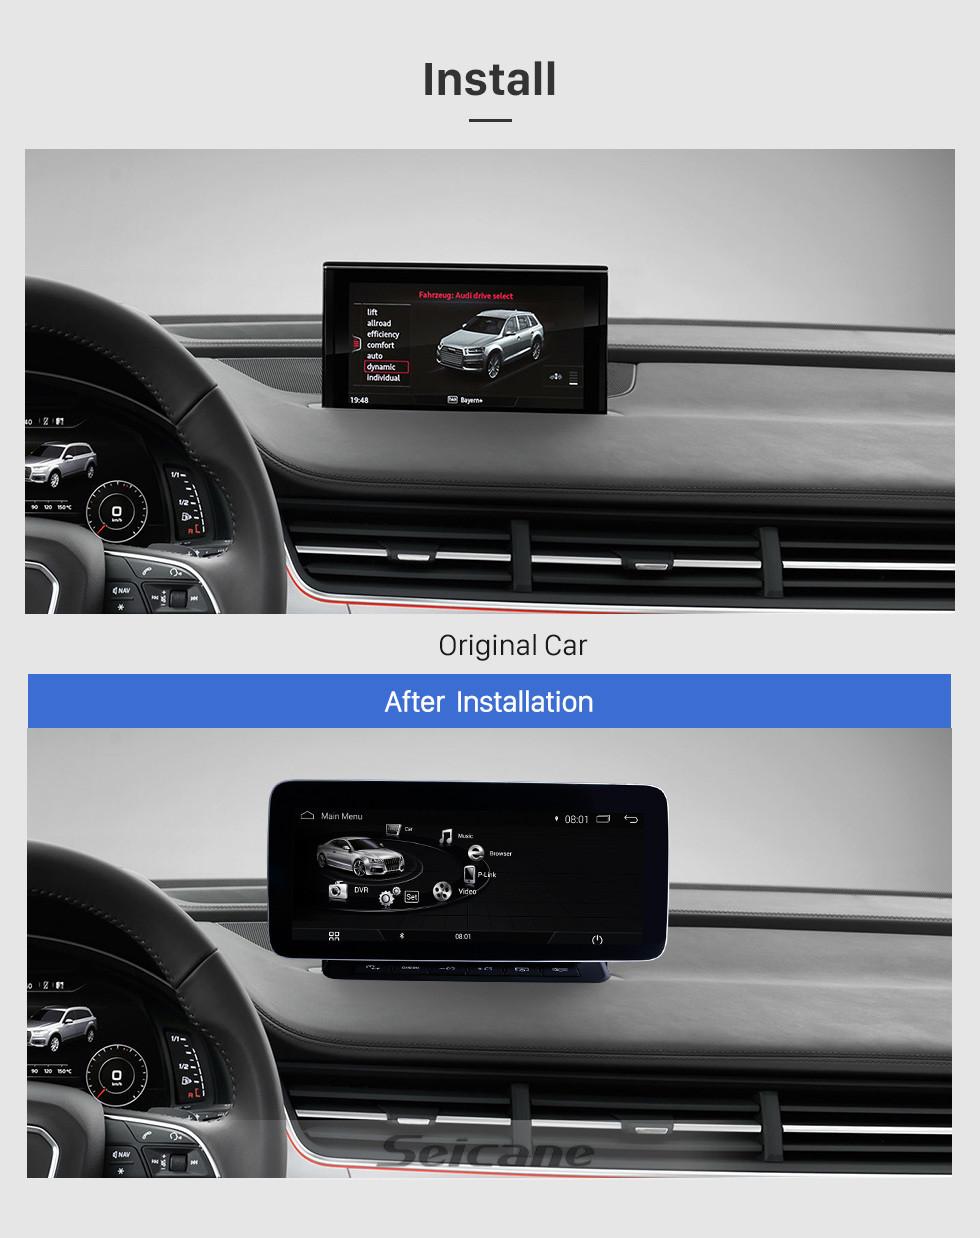 Seicane 10,25 Zoll 2006-2015 AUDI Q7 Android 9.0 Autokopfeinheit GPS-Navigationssystem Radio Stereo mit Touchscreen WIFI FM AM Bluetooth Musikunterstützung Lenkradsteuerung Rückfahrkamera USB